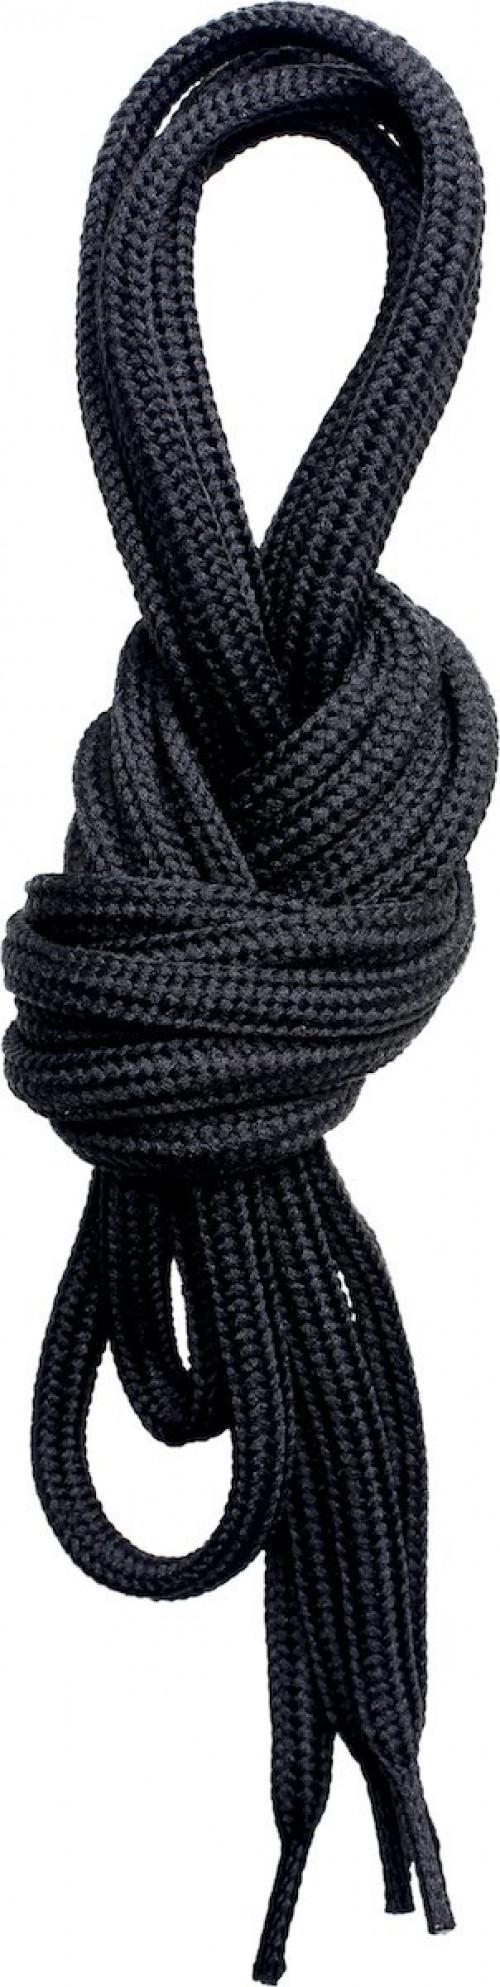 Lundhags Shoe Laces 150 Cm Black